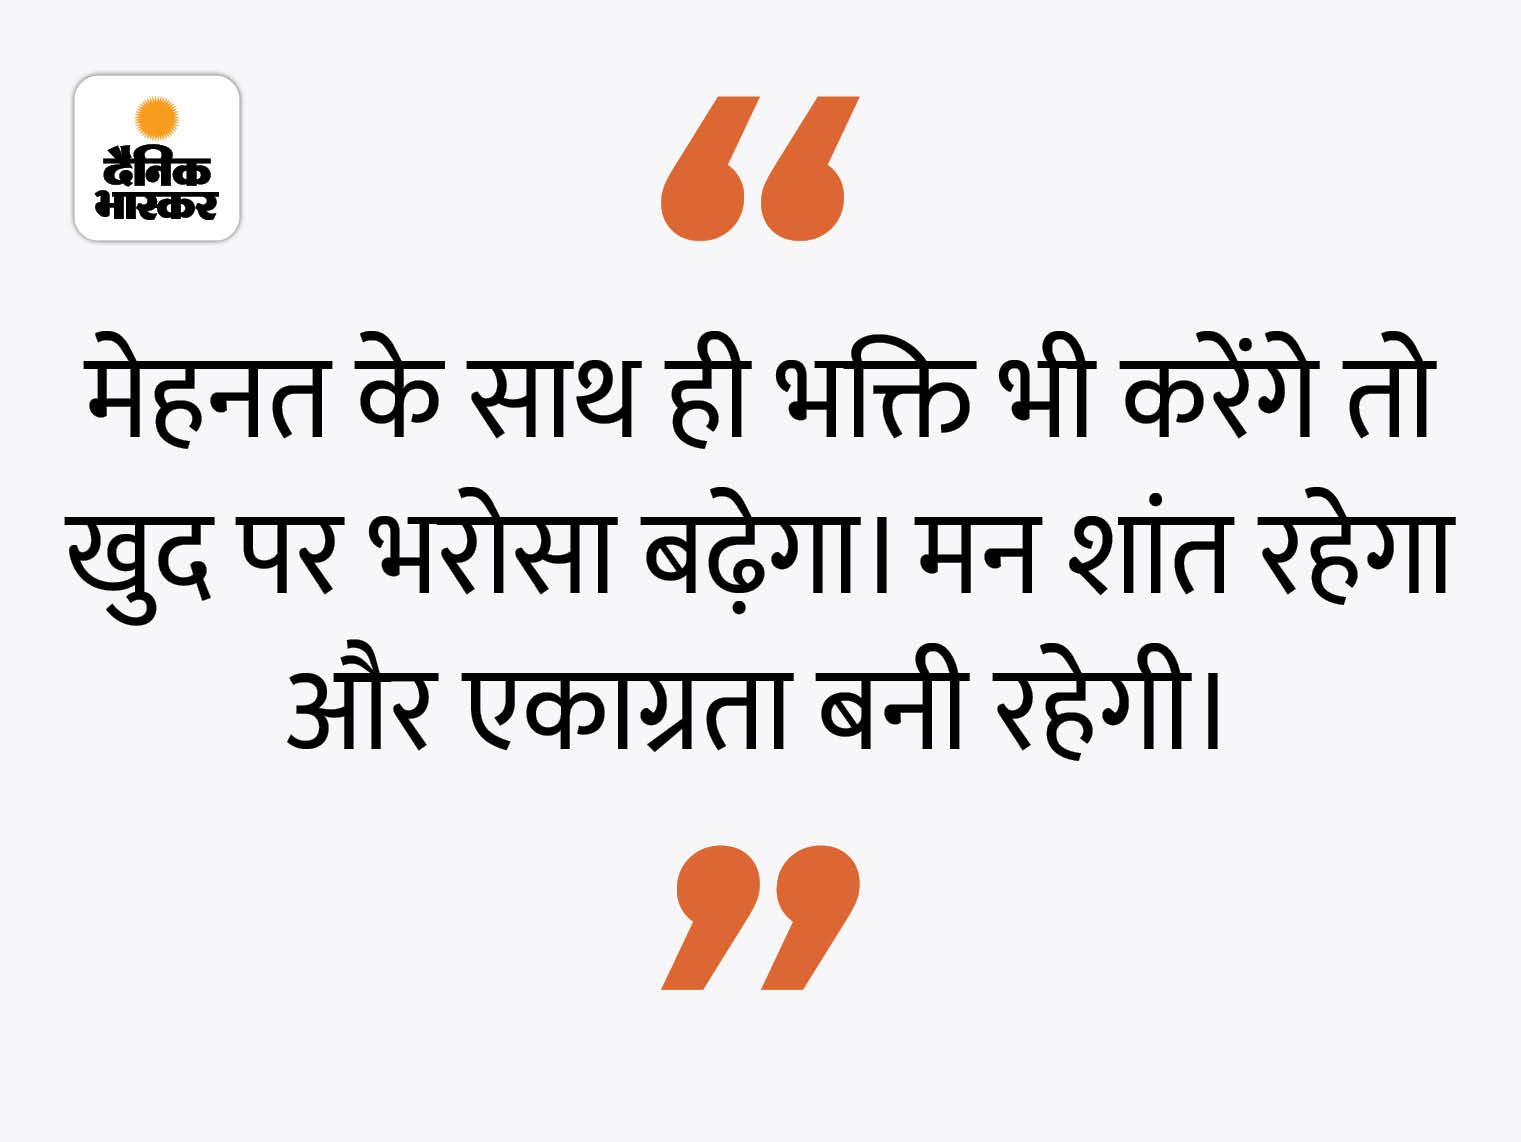 केवल मंत्र जाप पर टिके रहेंगे तो सफलता नहीं मिलेगी, प्रयास करना भी जरूरी है|धर्म,Dharm - Dainik Bhaskar